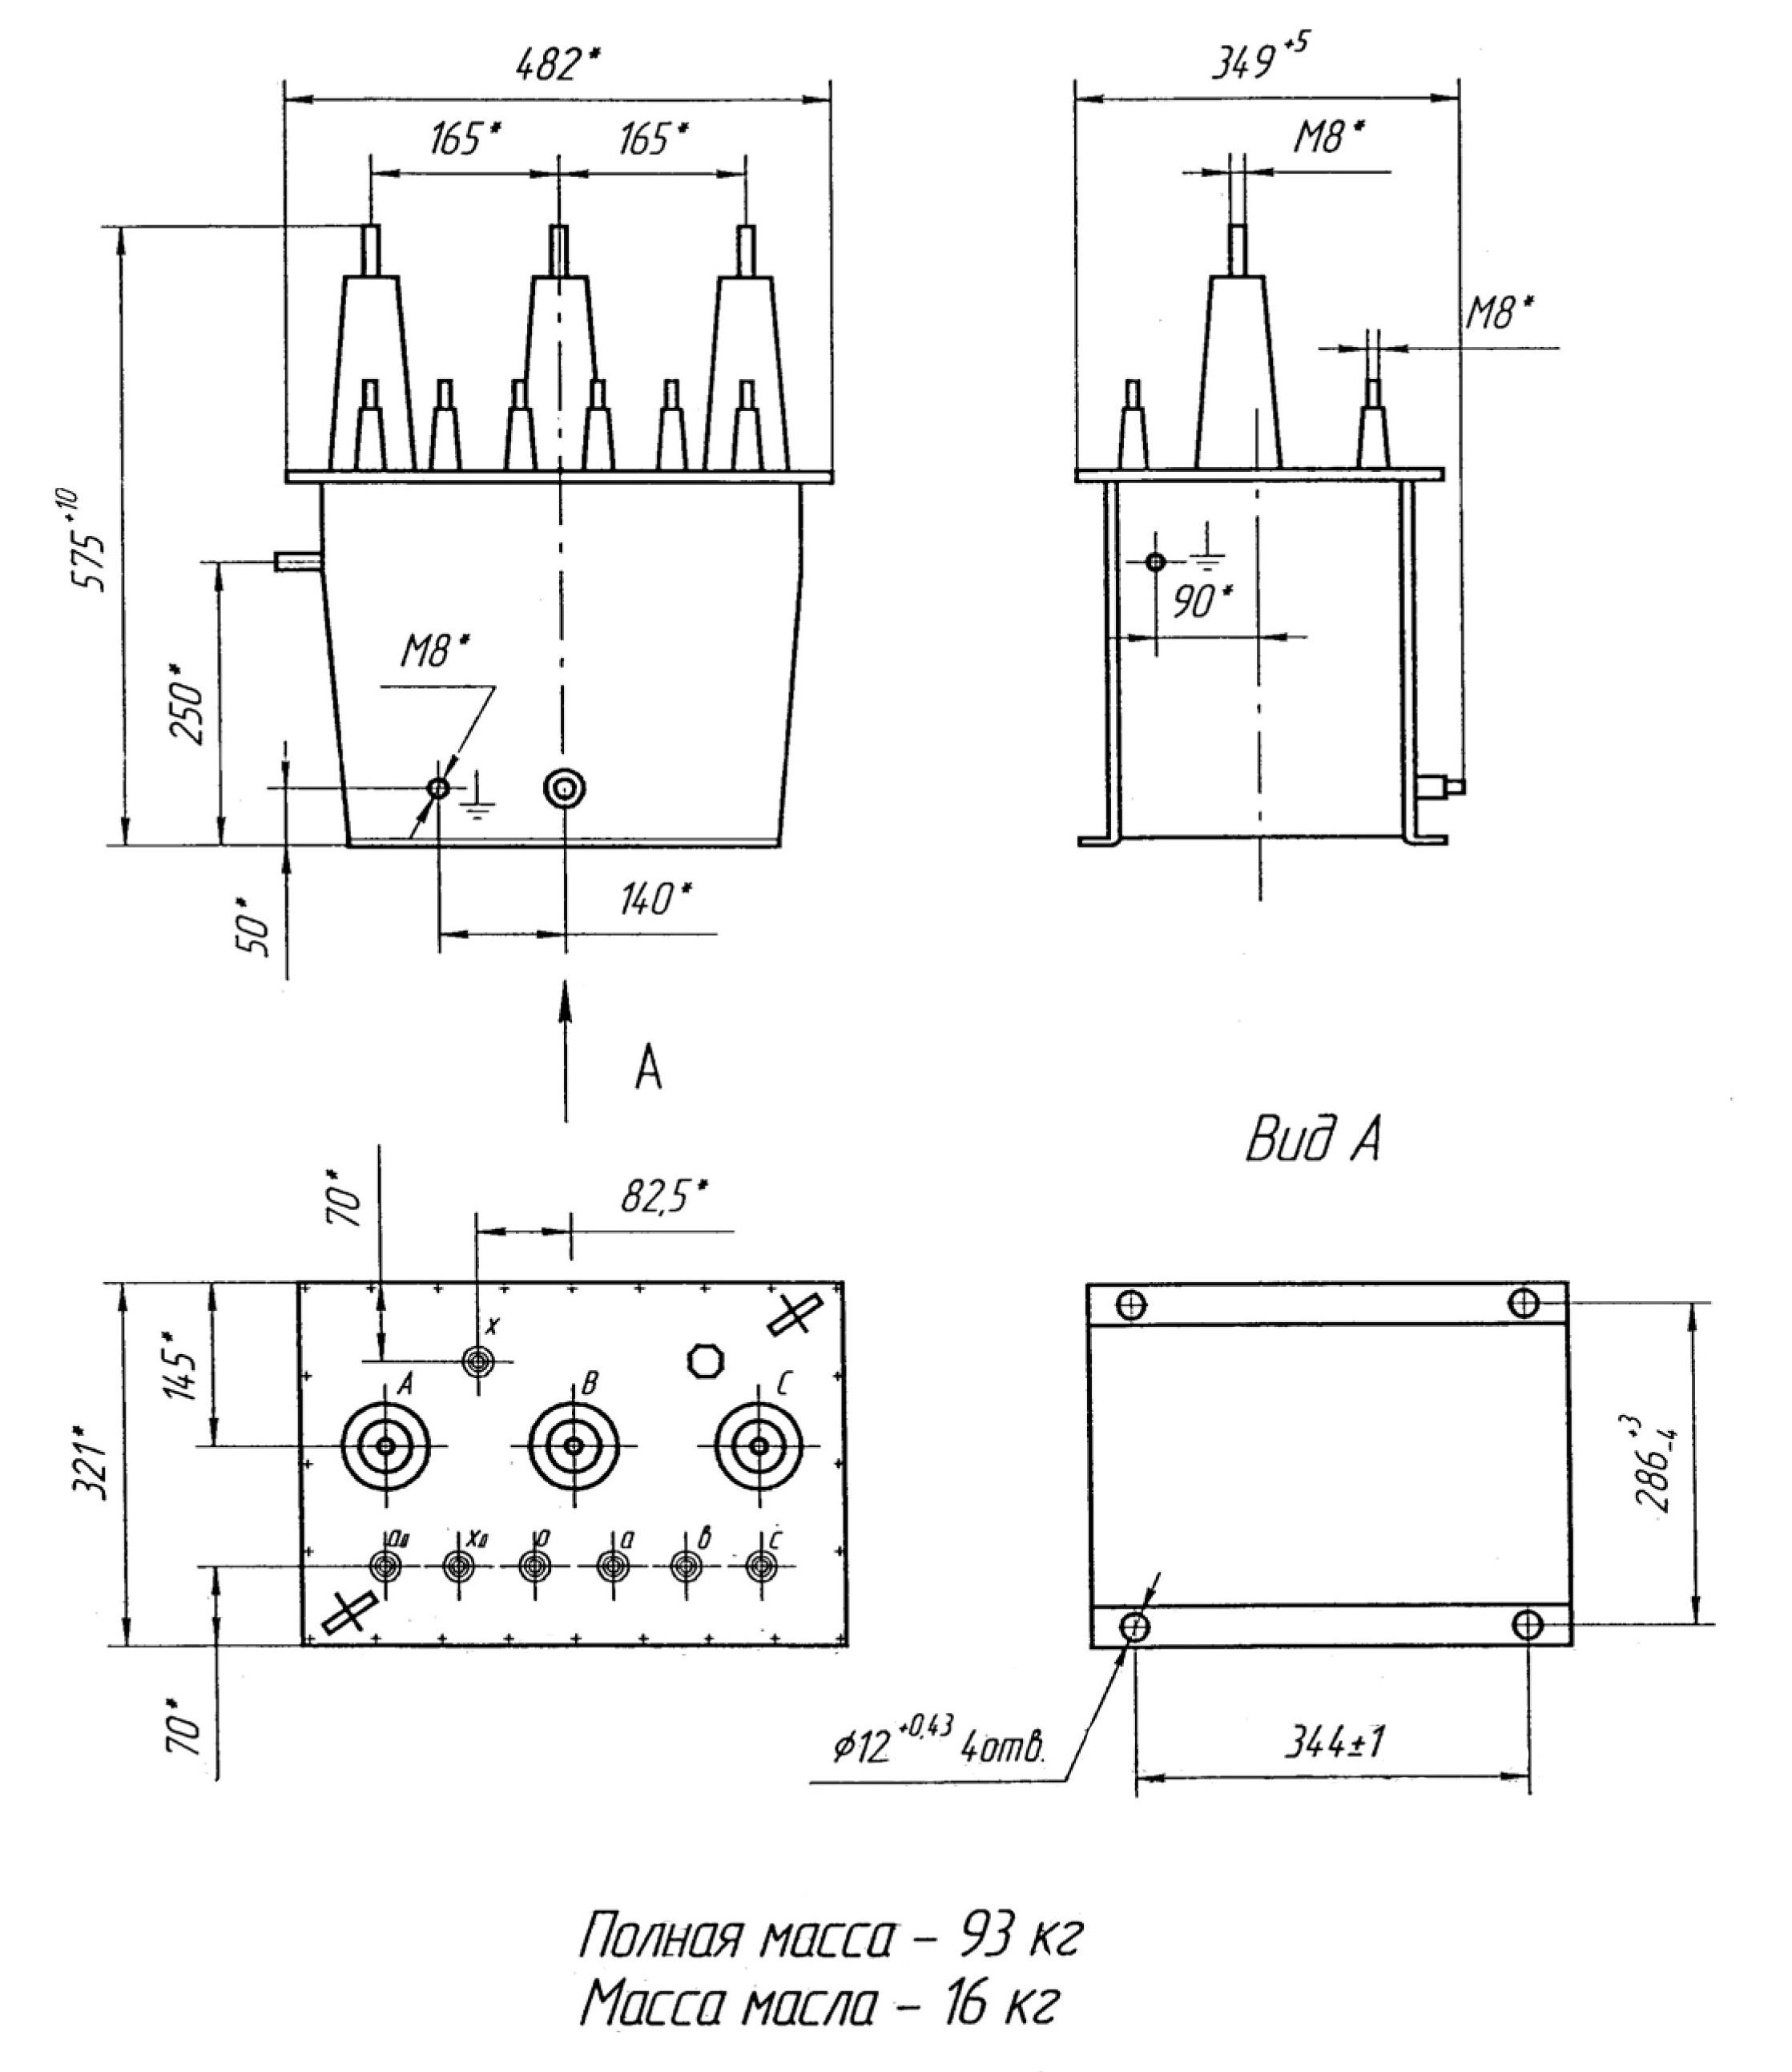 Схема соединения обмоток трансформатора НАМИ-35 УХЛ1.